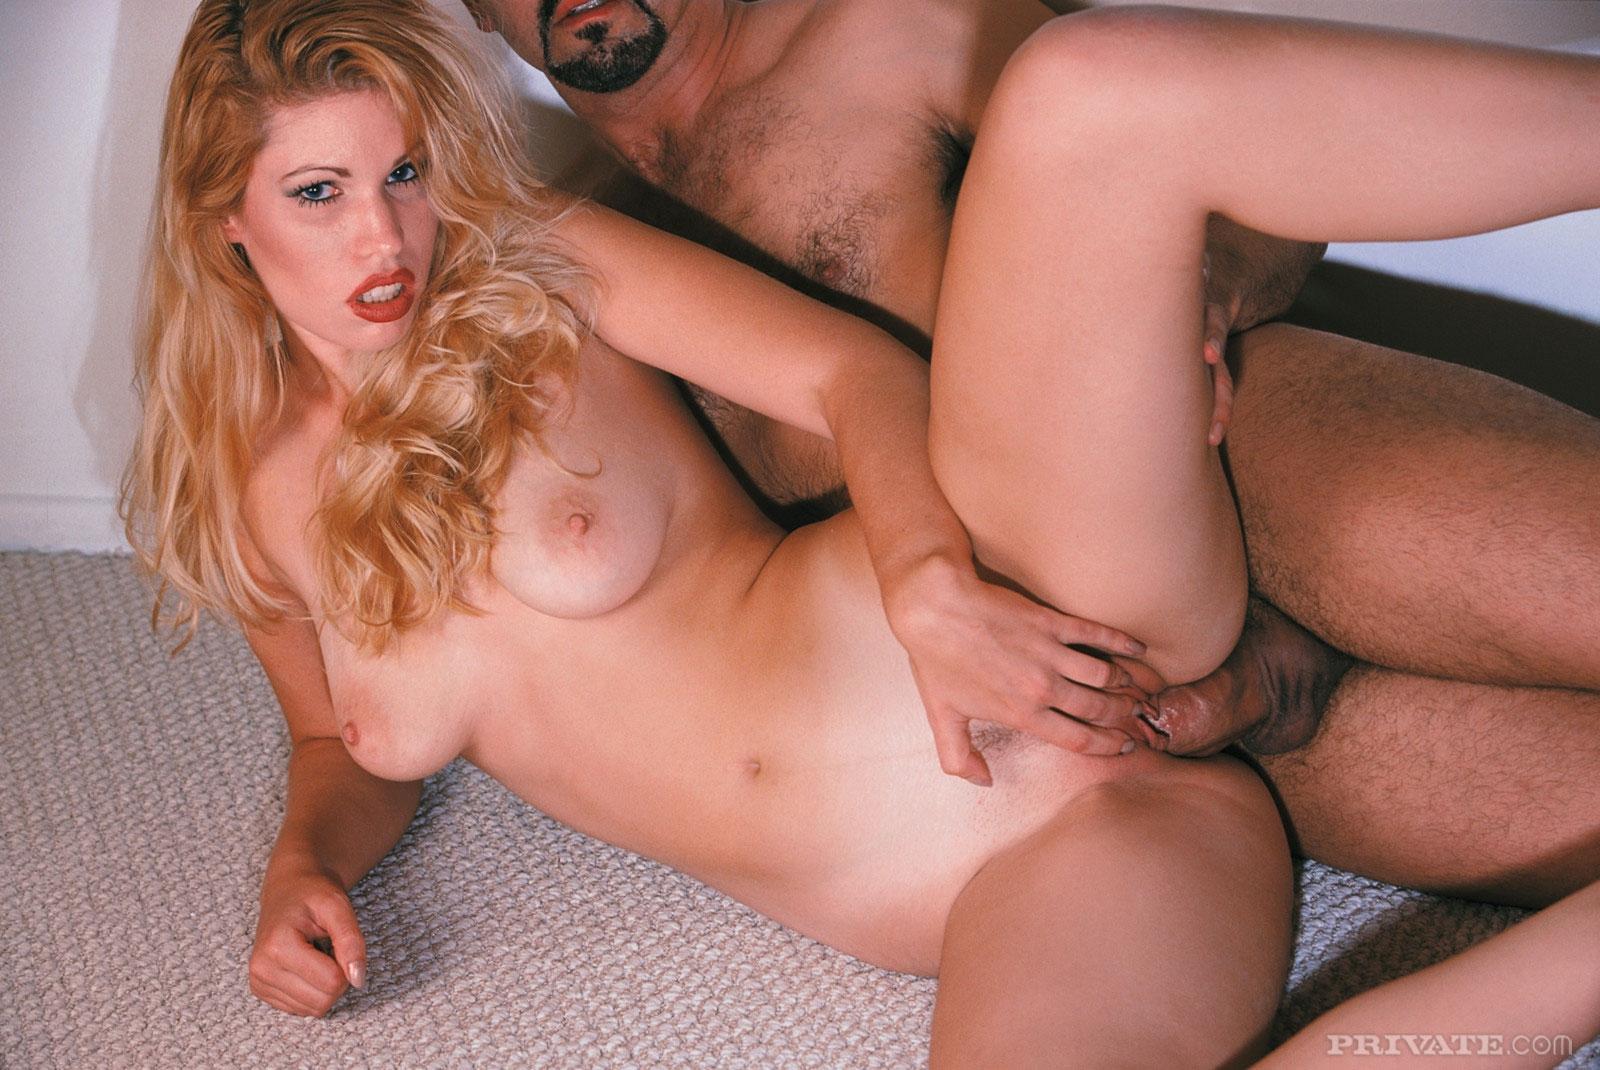 Блондинке кончают на лицо по окончанию секса в пизду